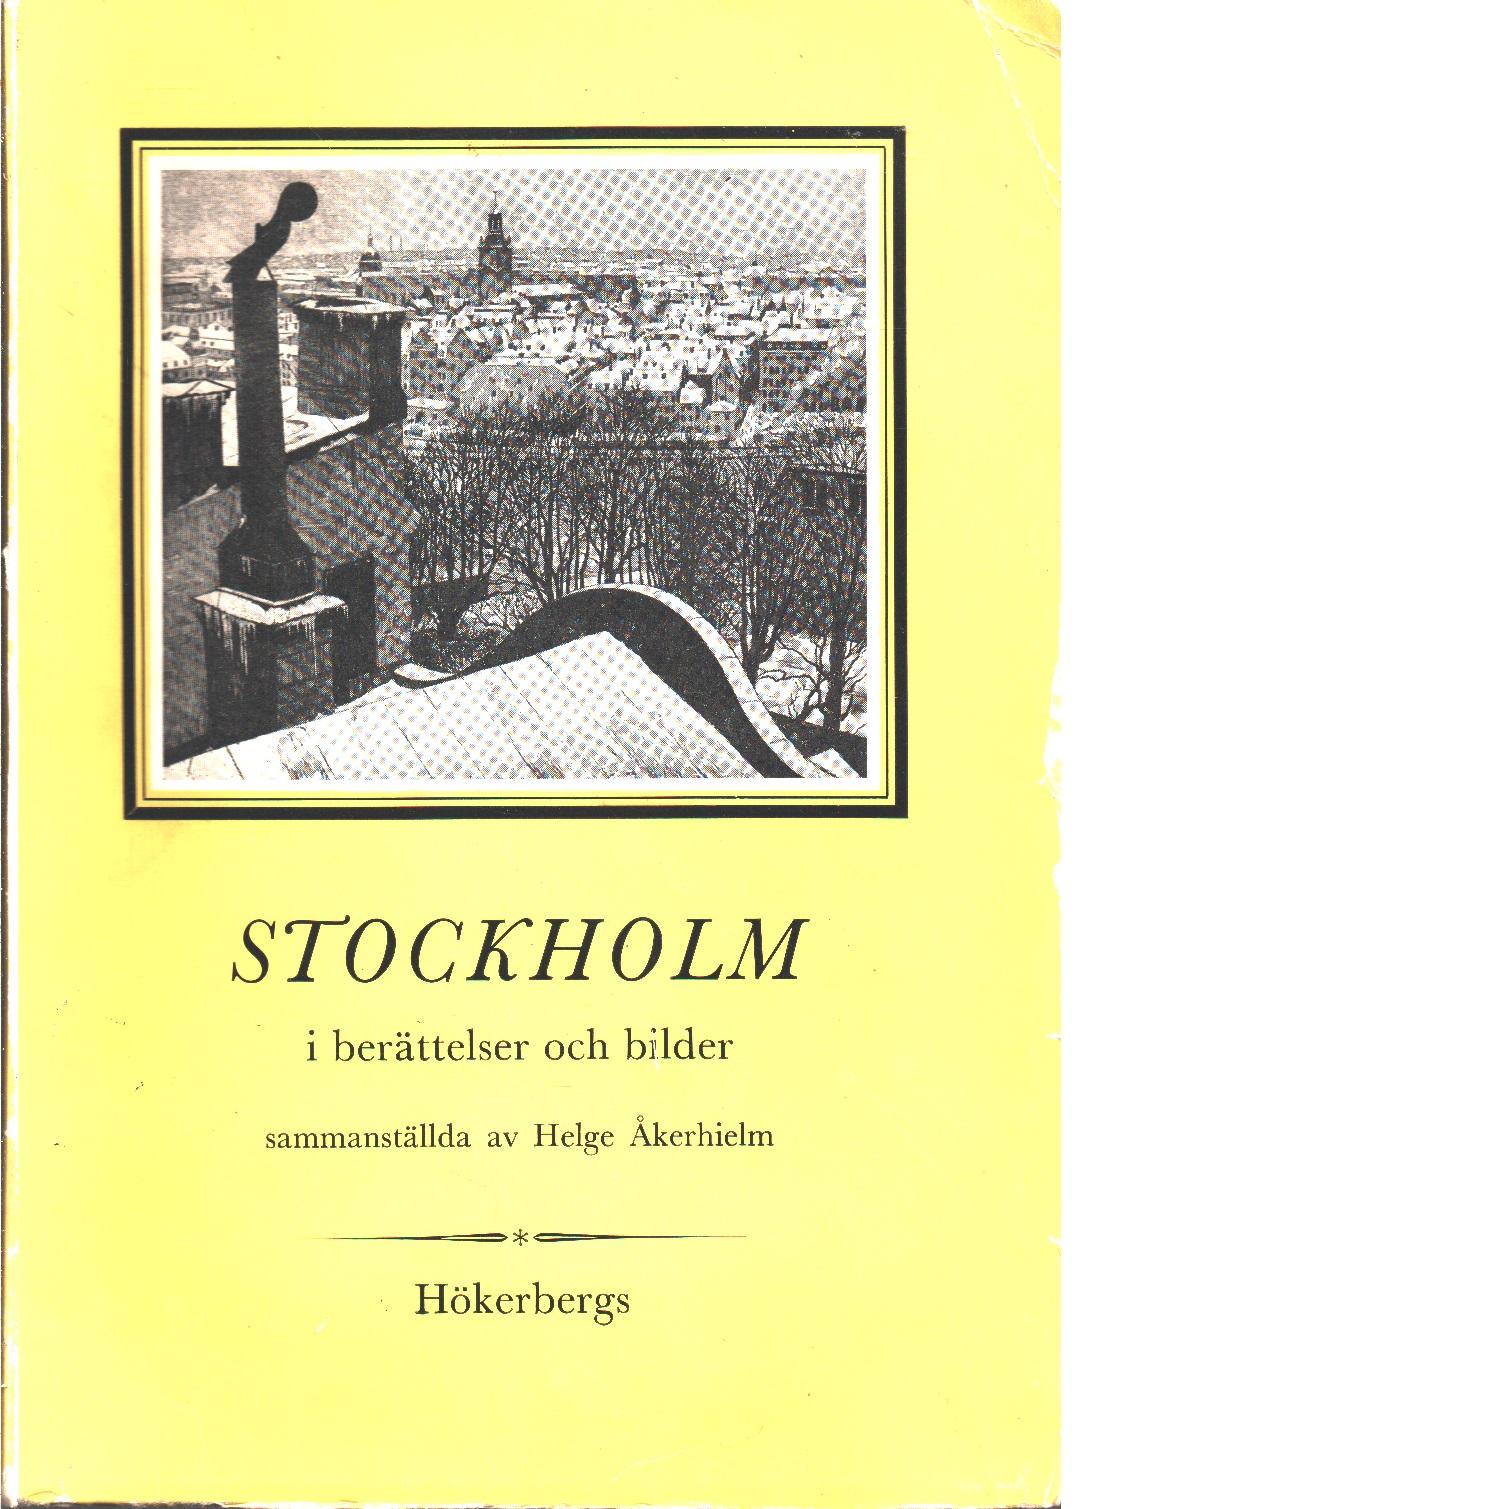 Stockholm i berättelser och bilder : sammanställda till minne av Stockholms 700-årsjubileum - Åkerhielm, Helge